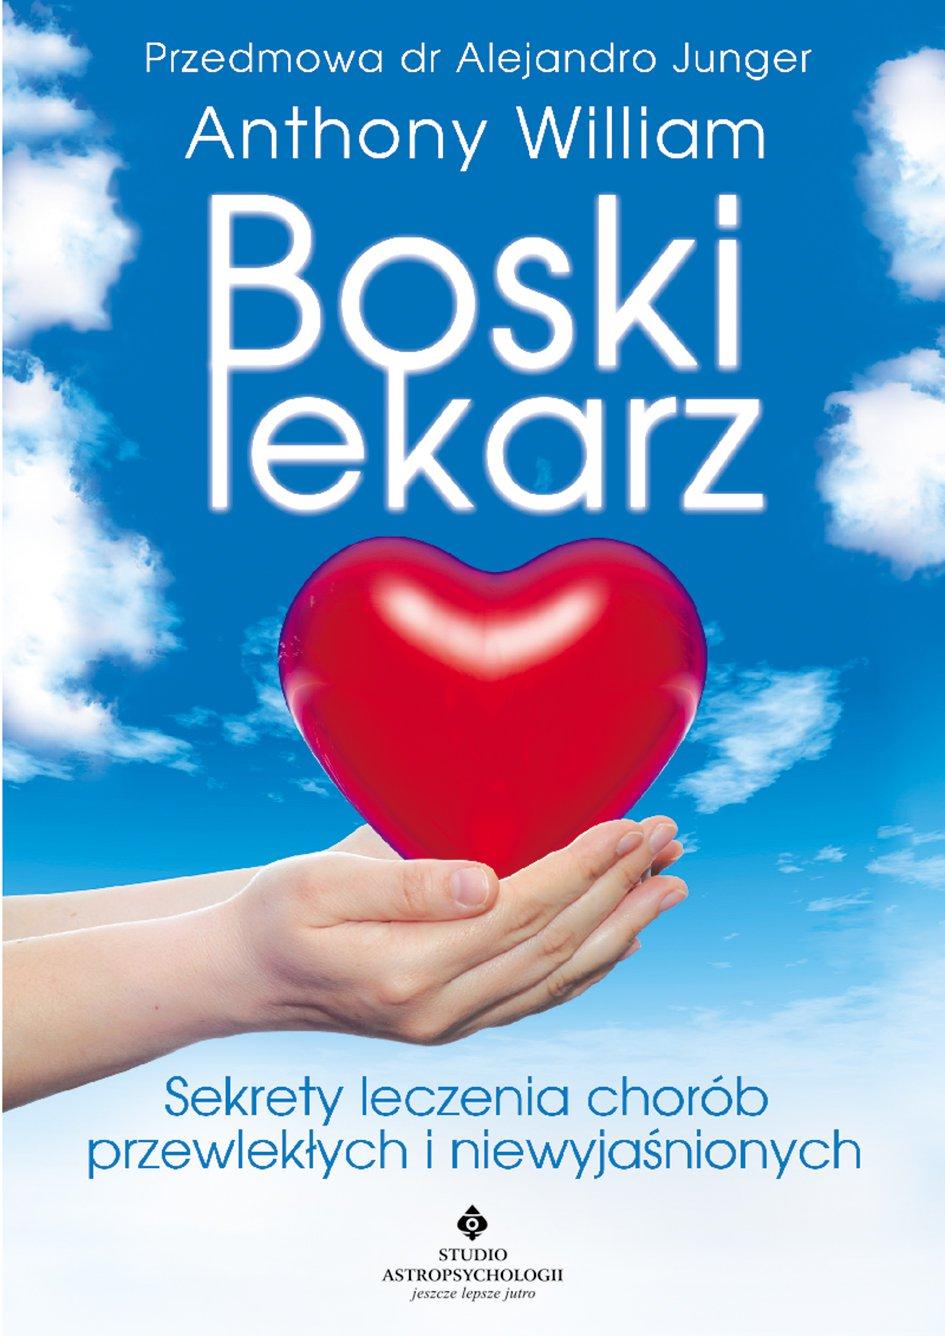 Boski lekarz. Sekrety leczenia chorób przewlekłych i niewyjaśnionych - Ebook (Książka EPUB) do pobrania w formacie EPUB